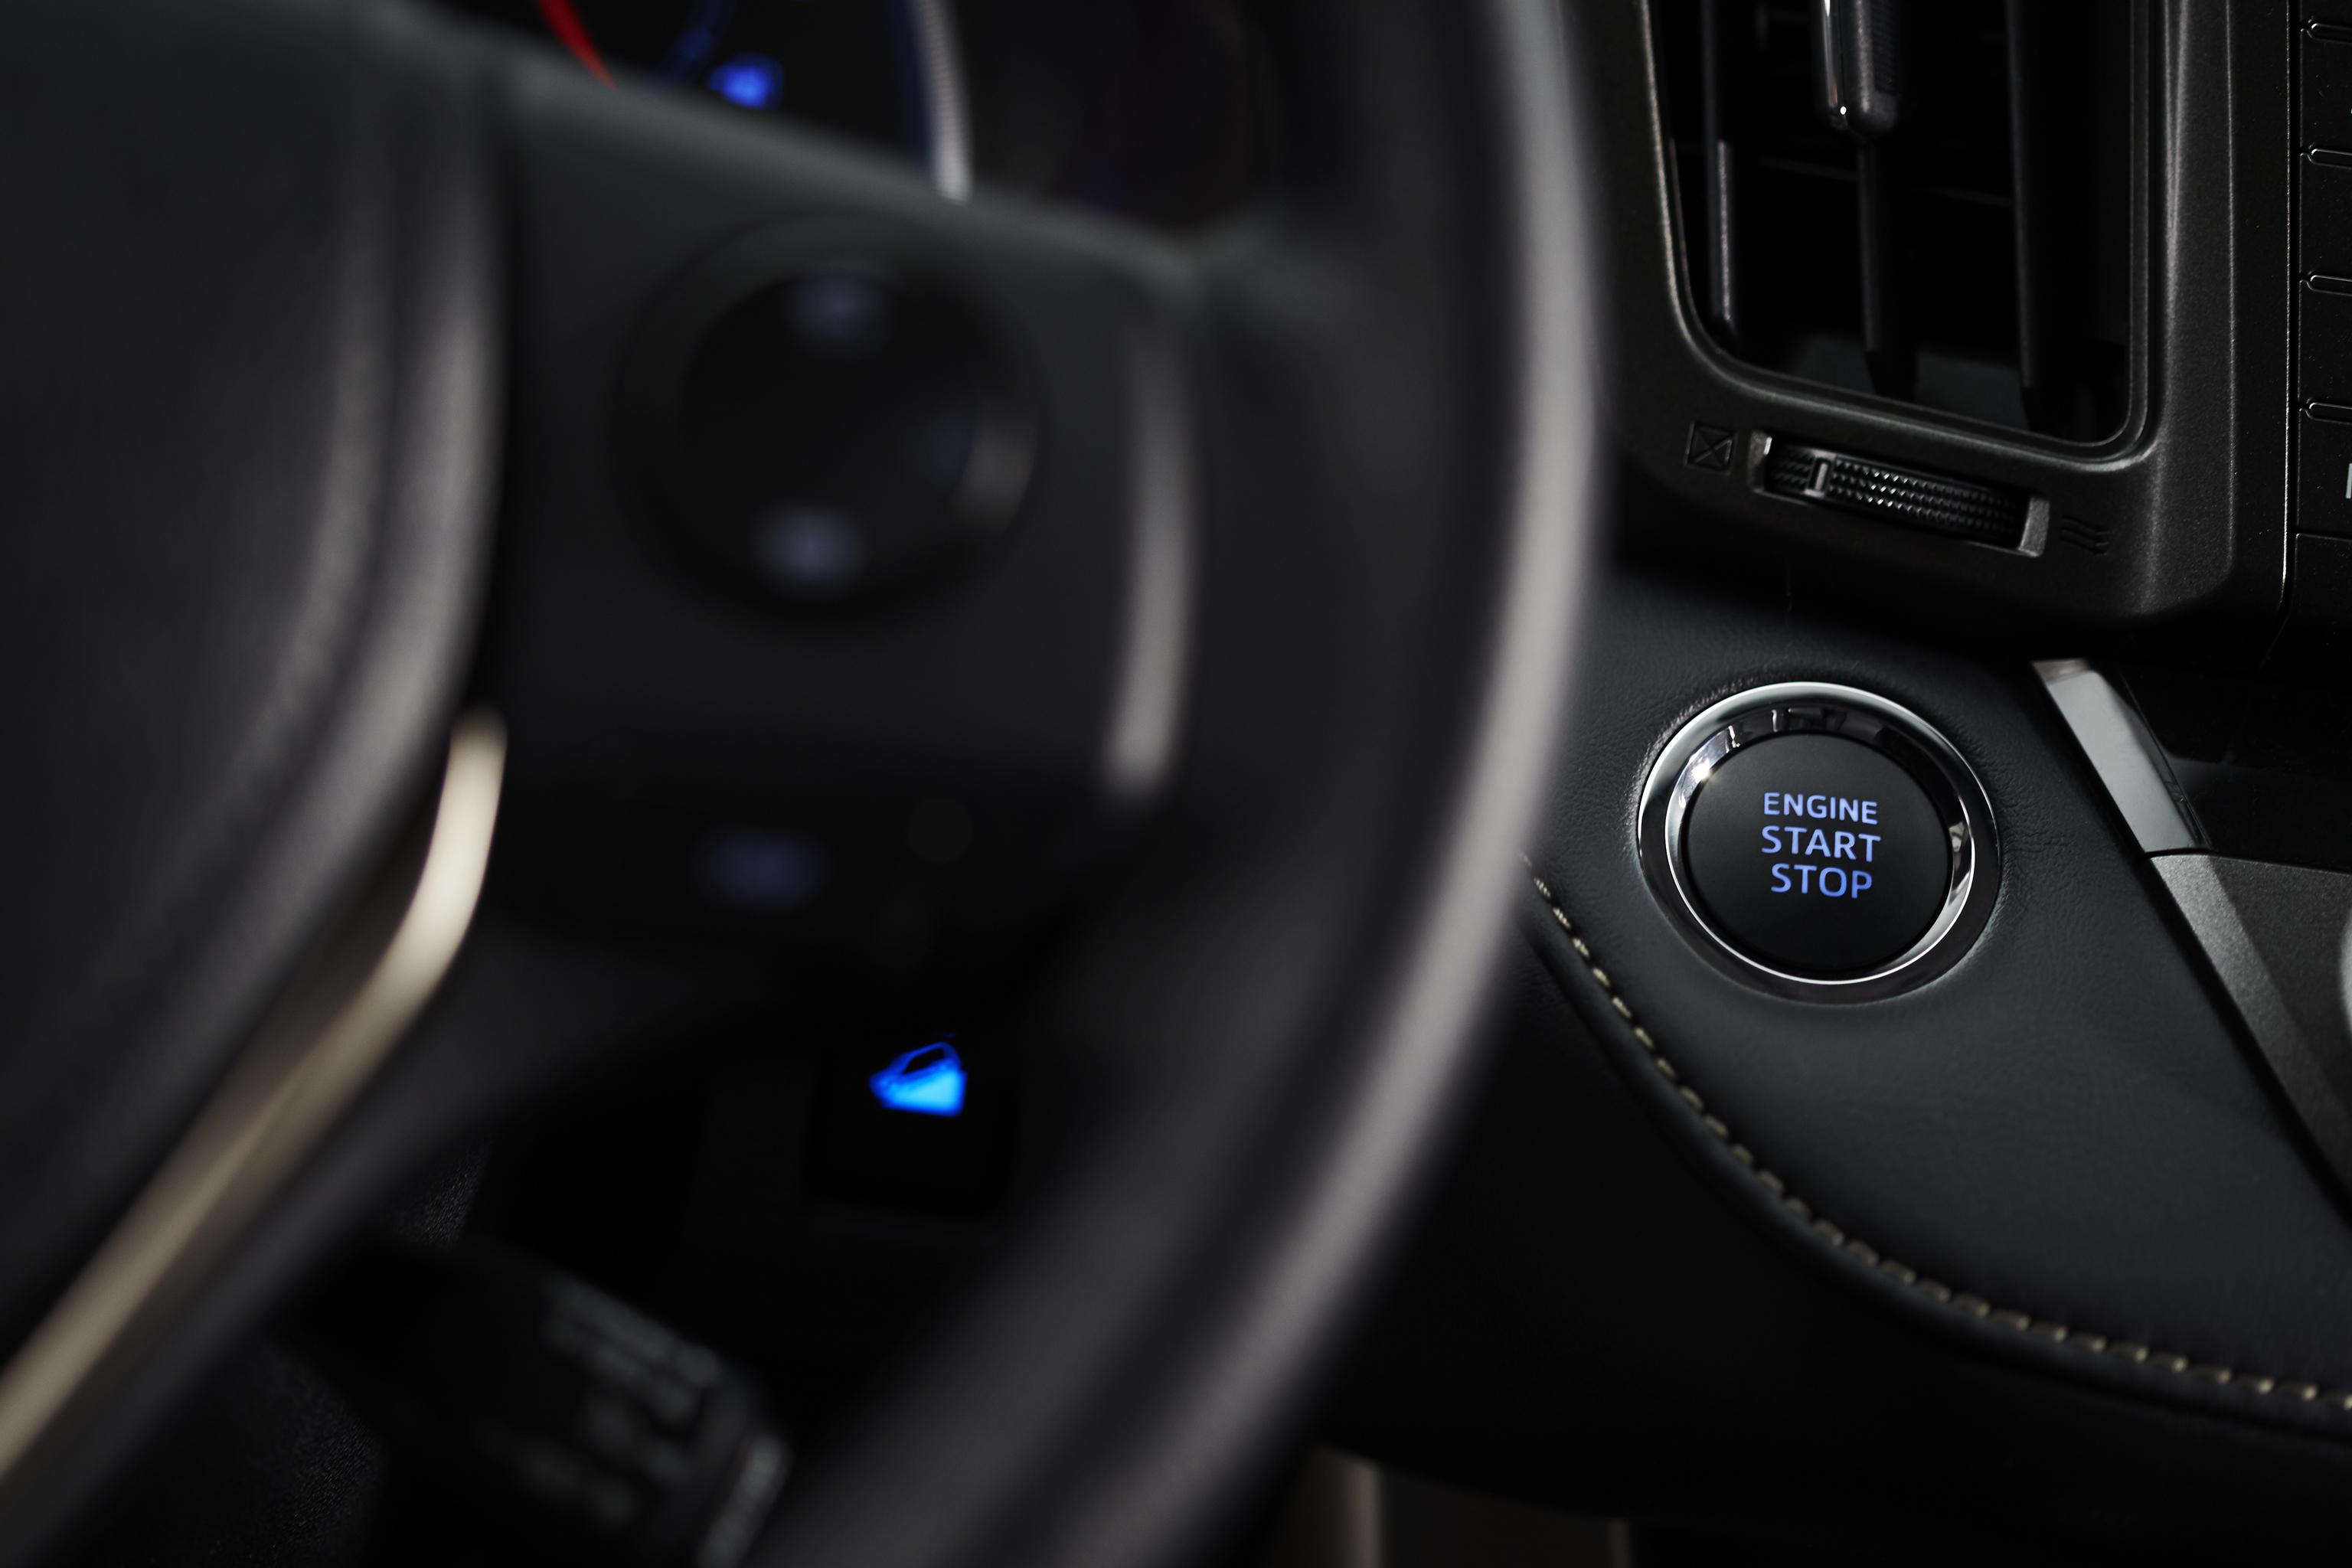 Плохо работает система старт/стоп на BMW 1-Series Е87